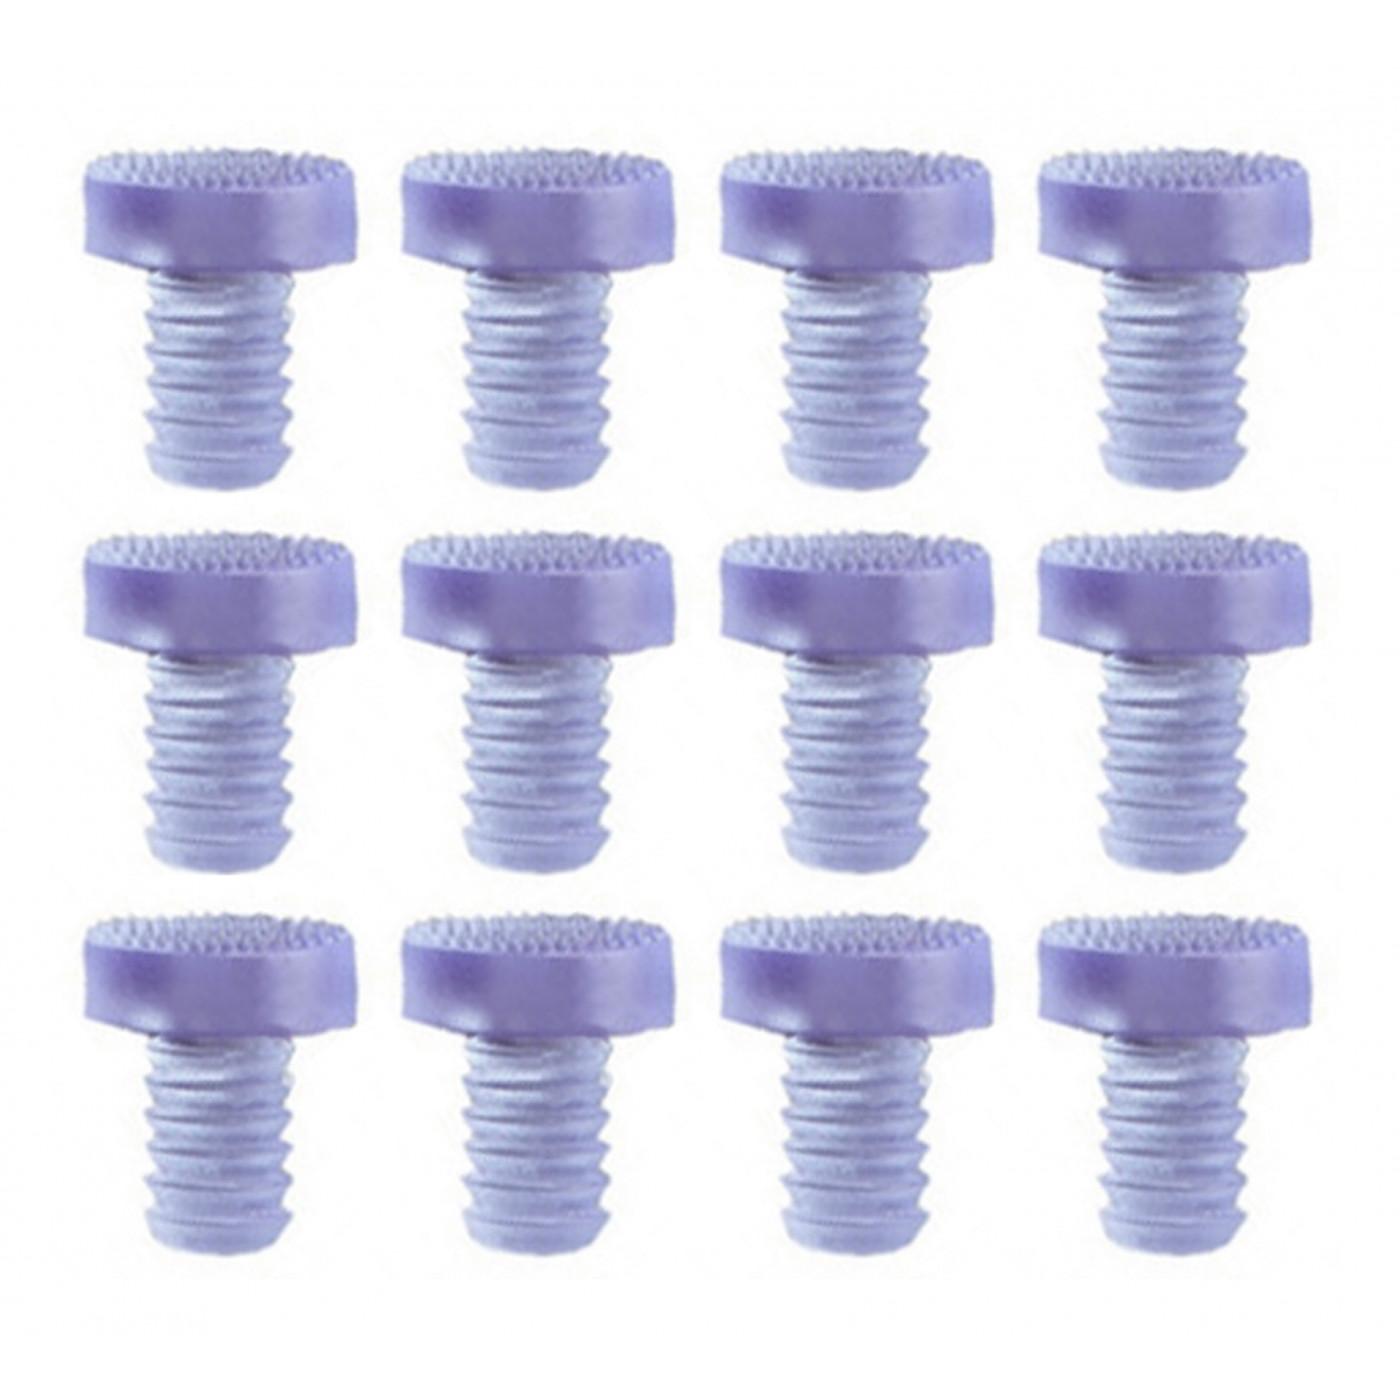 Set of 90 pvc caps, buffers, door dampers (type 3, transparent